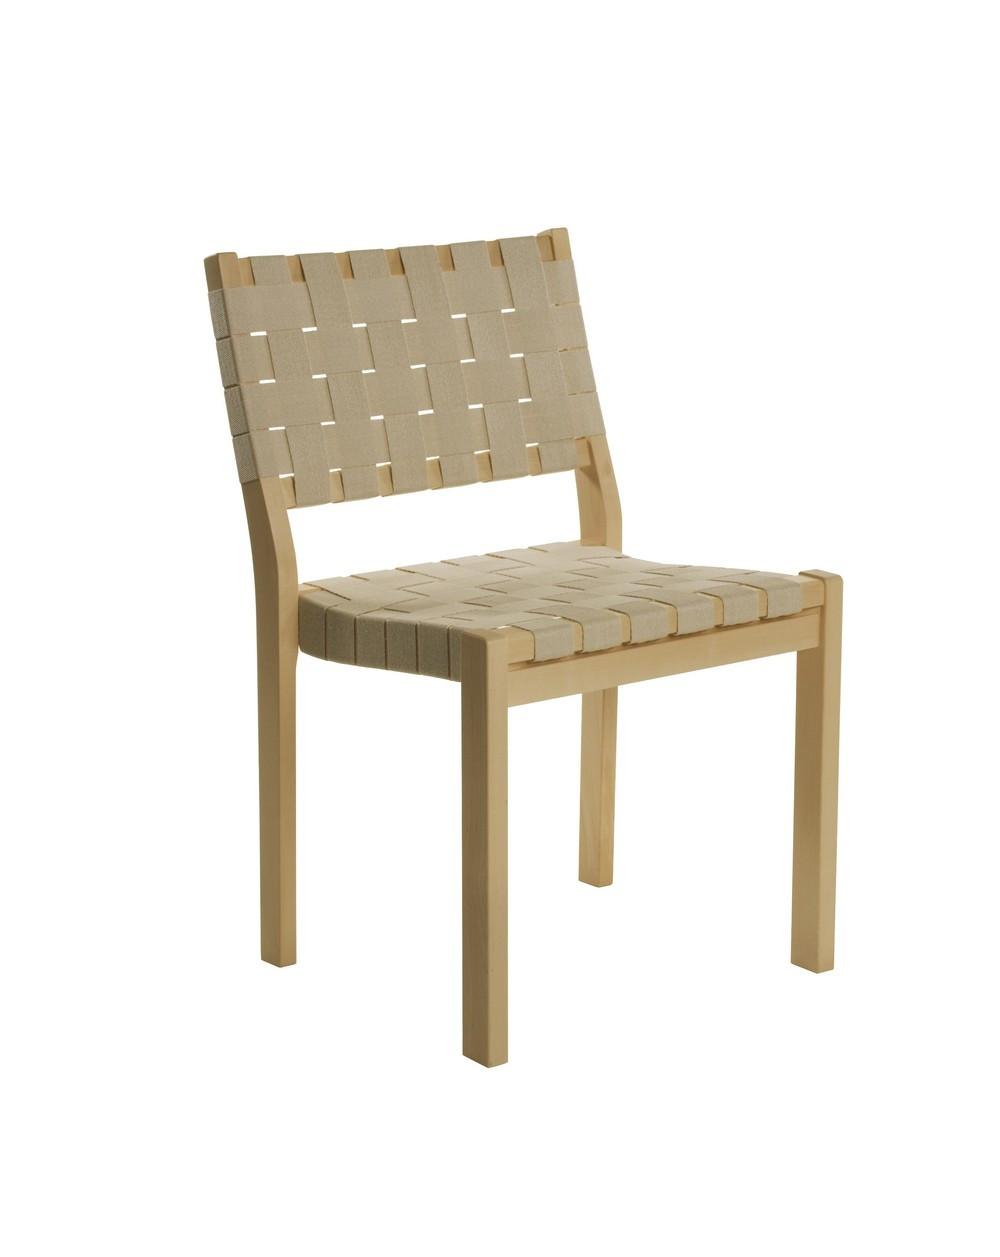 Chair 611 alvar aalto design for artek la boutique danoise for Chaise alvar aalto